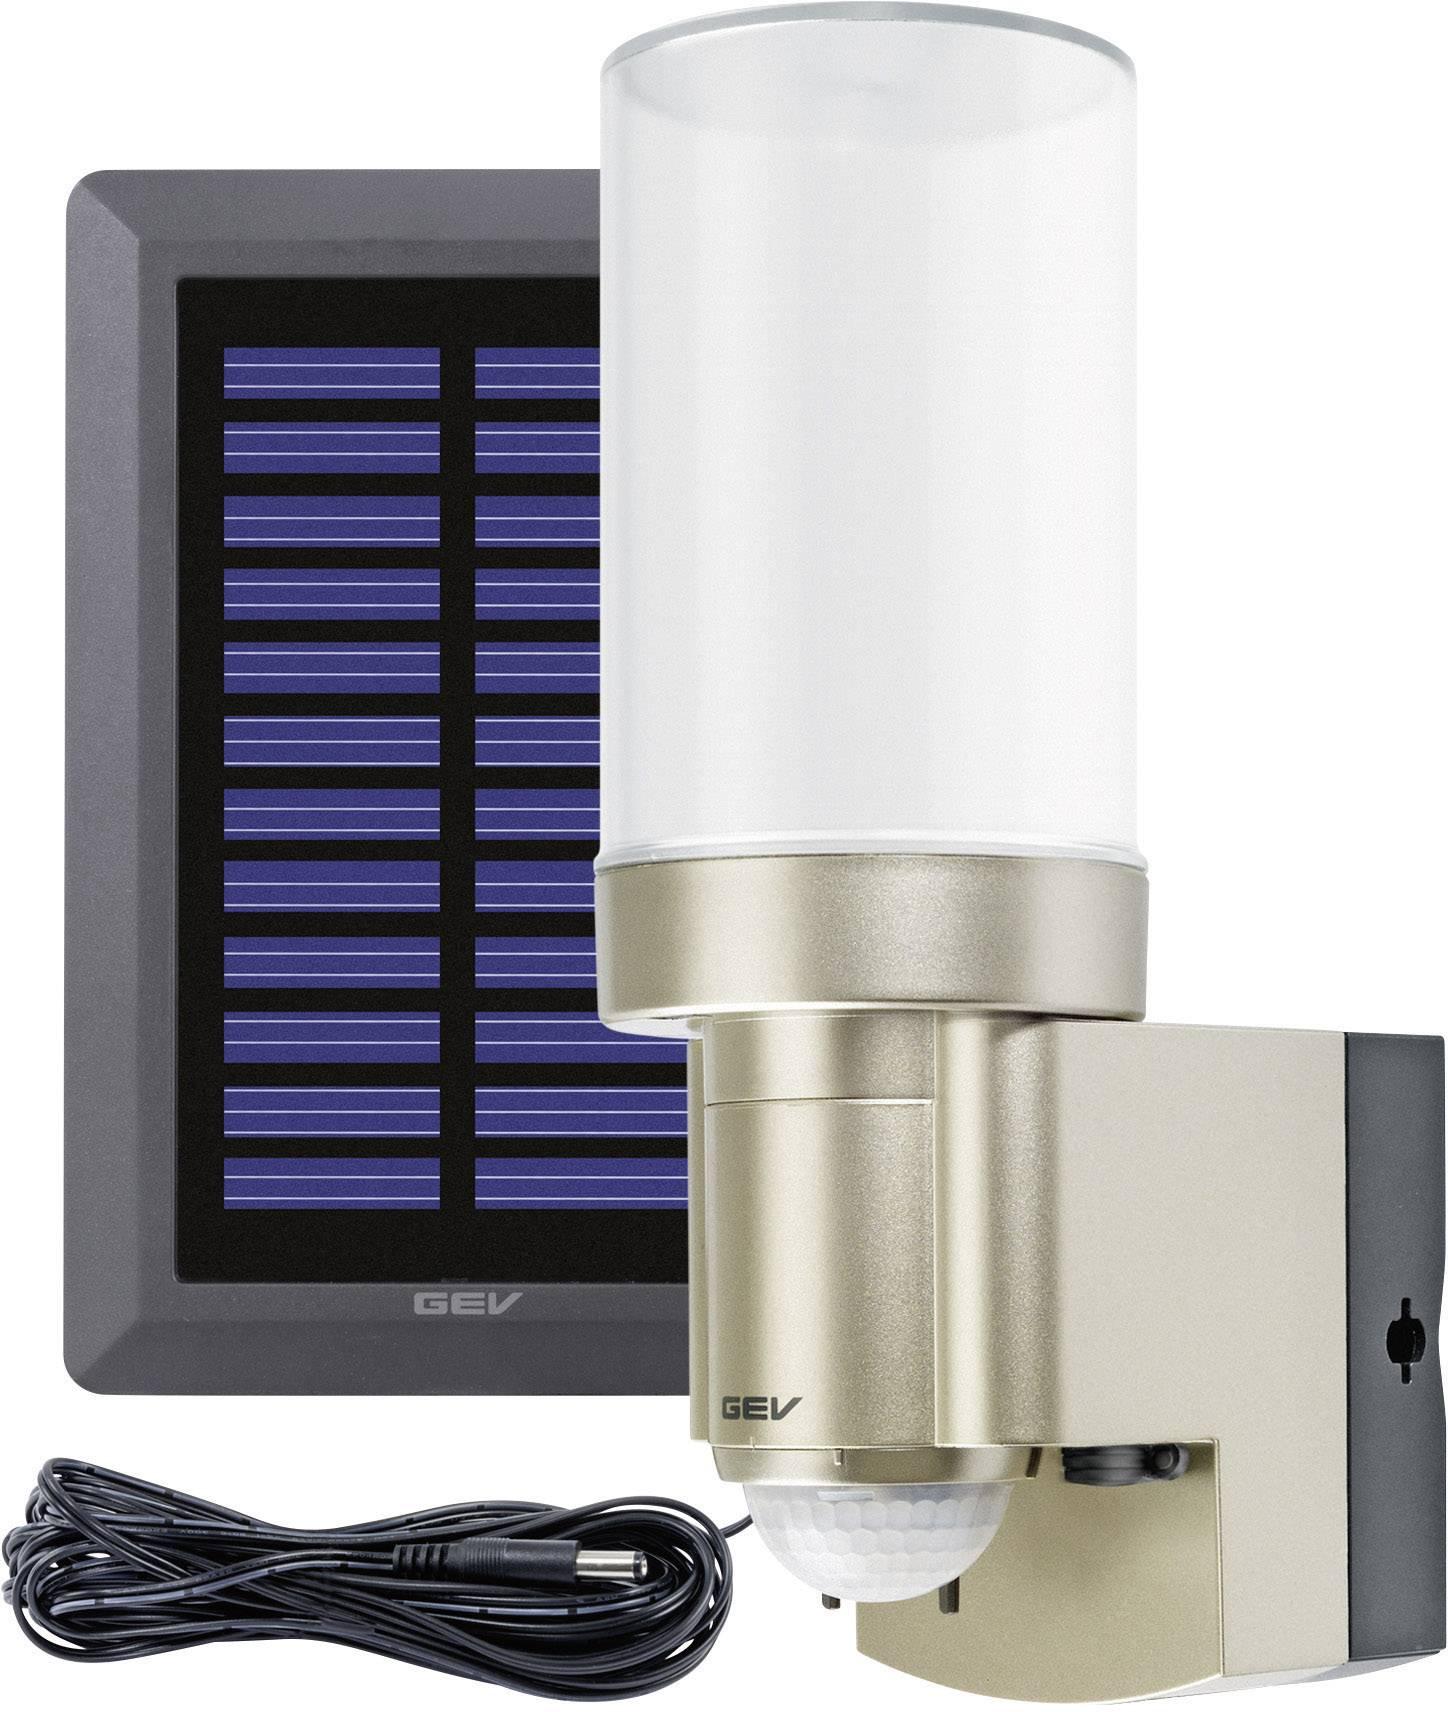 GEV LED Leuchte LPL (14831) ab 17,99 </div>                                   </div> </div>       </div>                      </div> <div class=